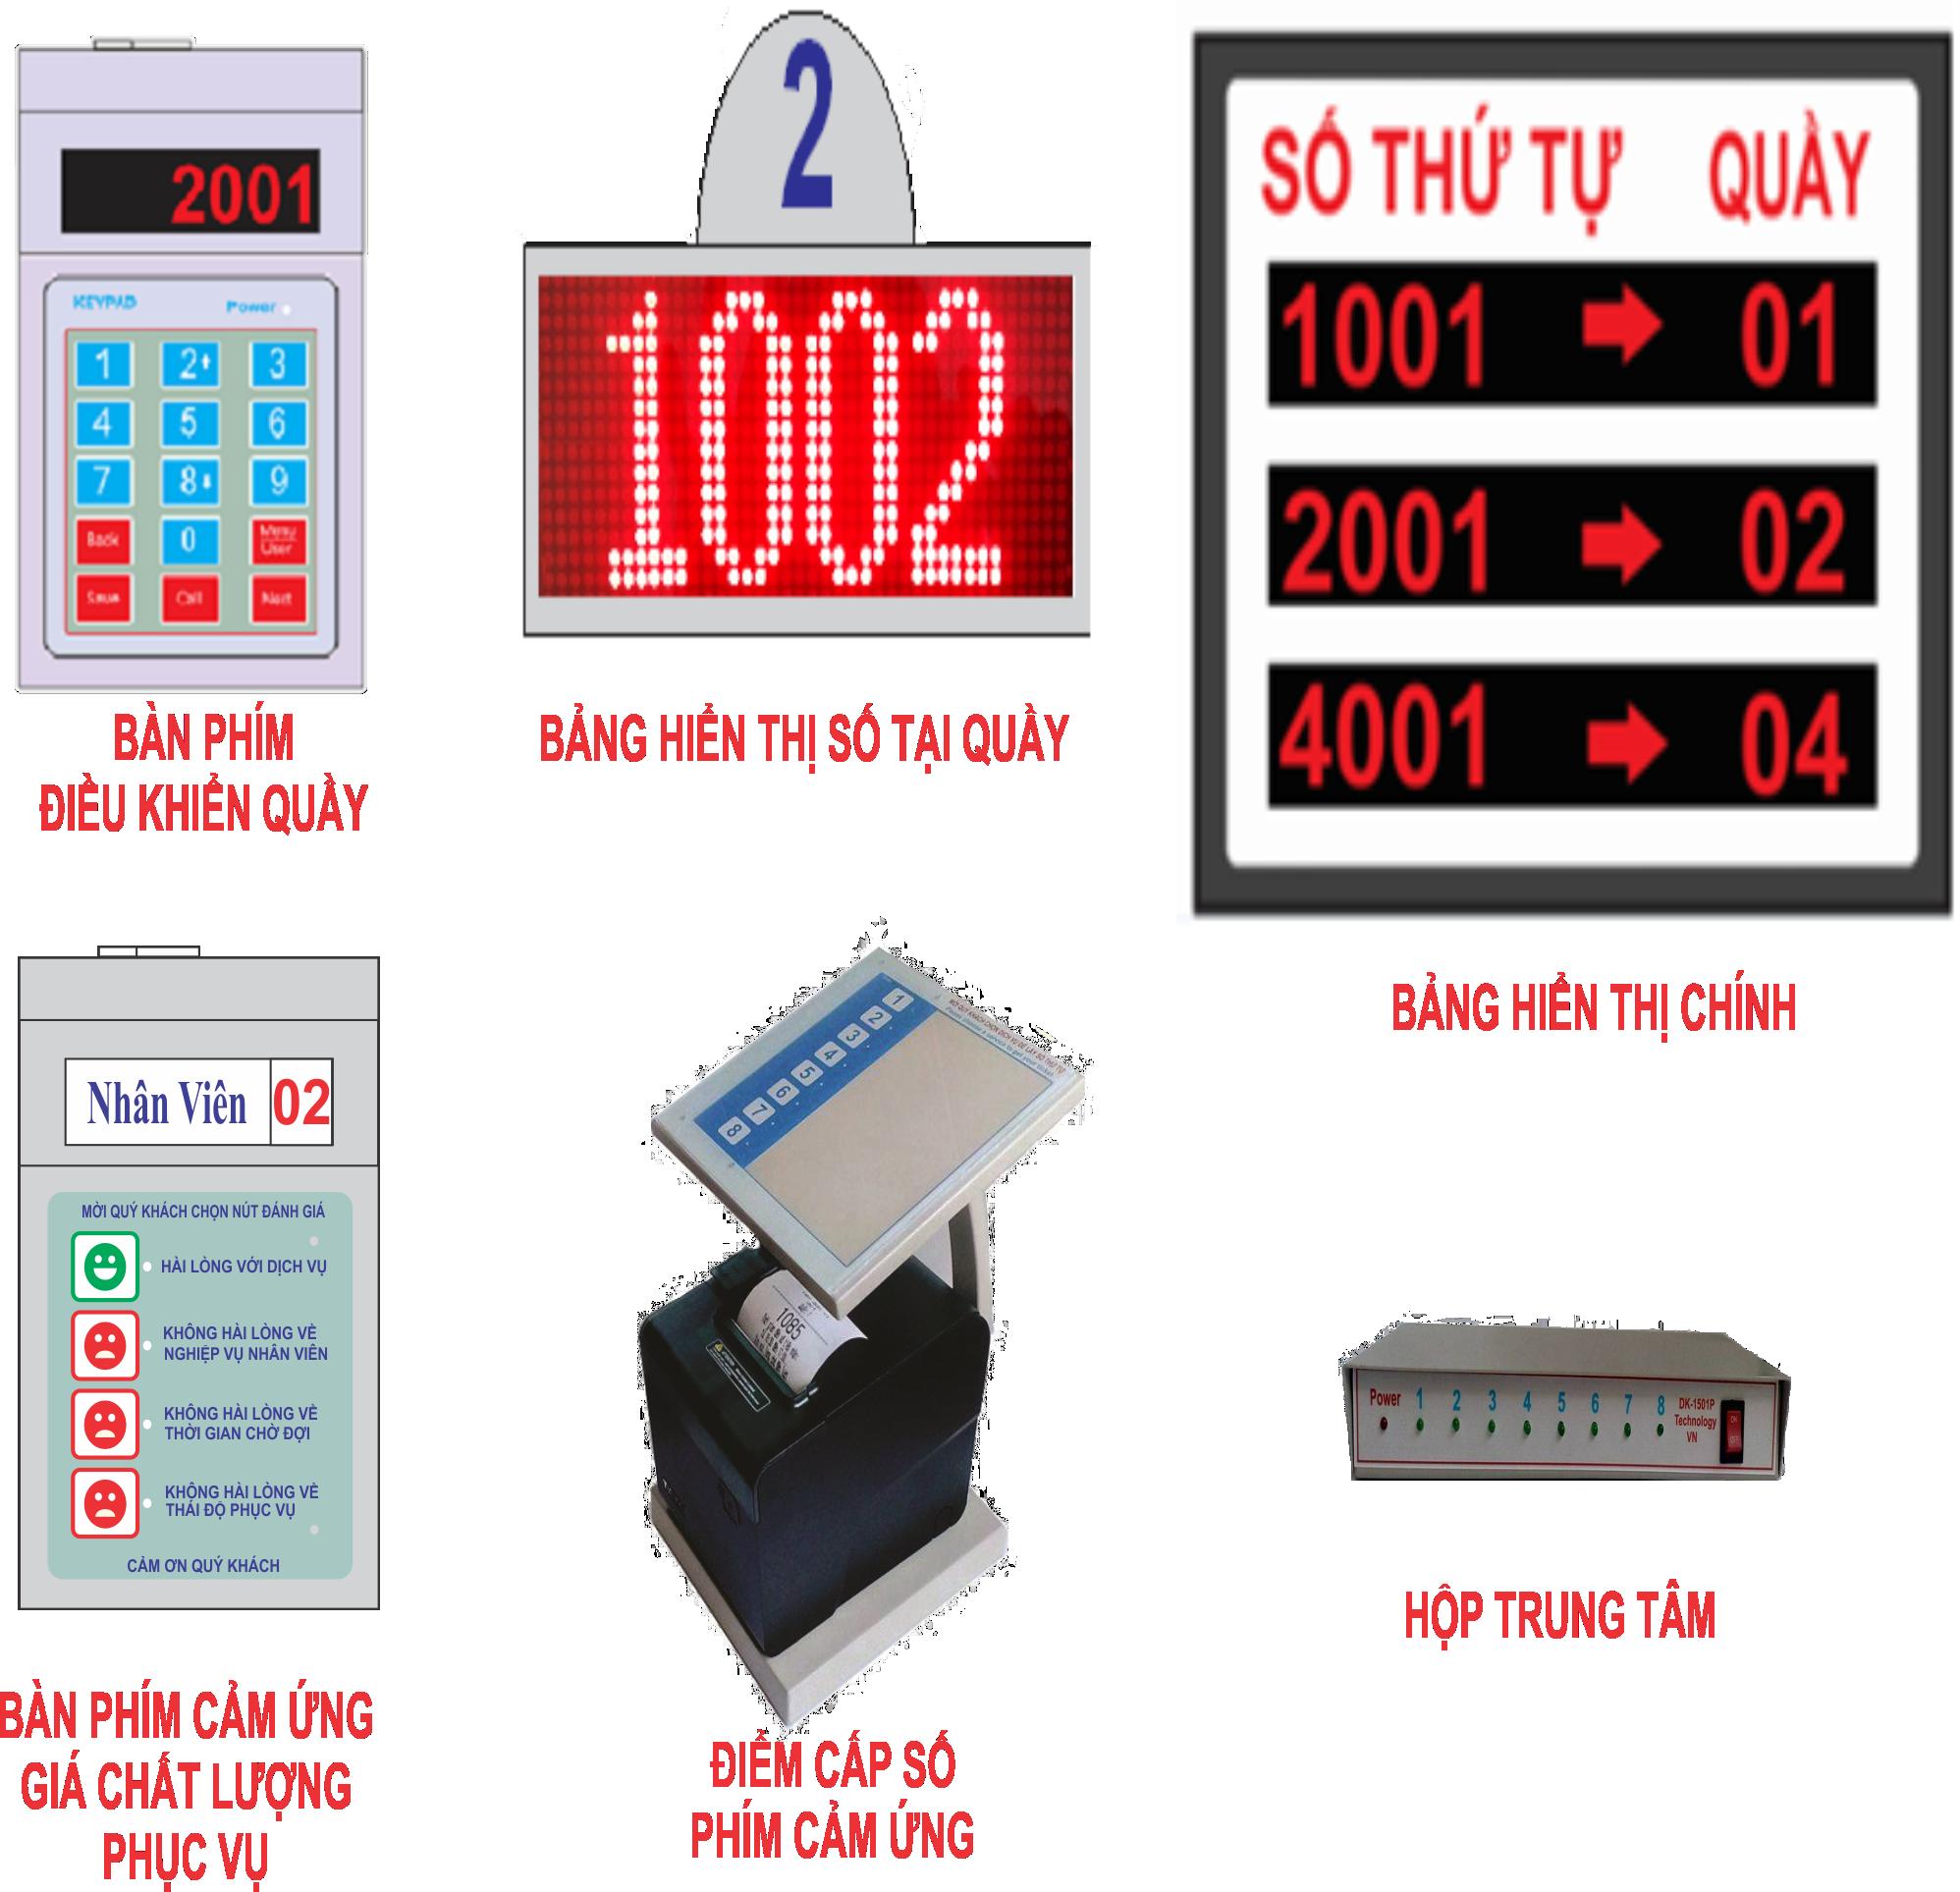 Mô hình máy lấy số thứ tự